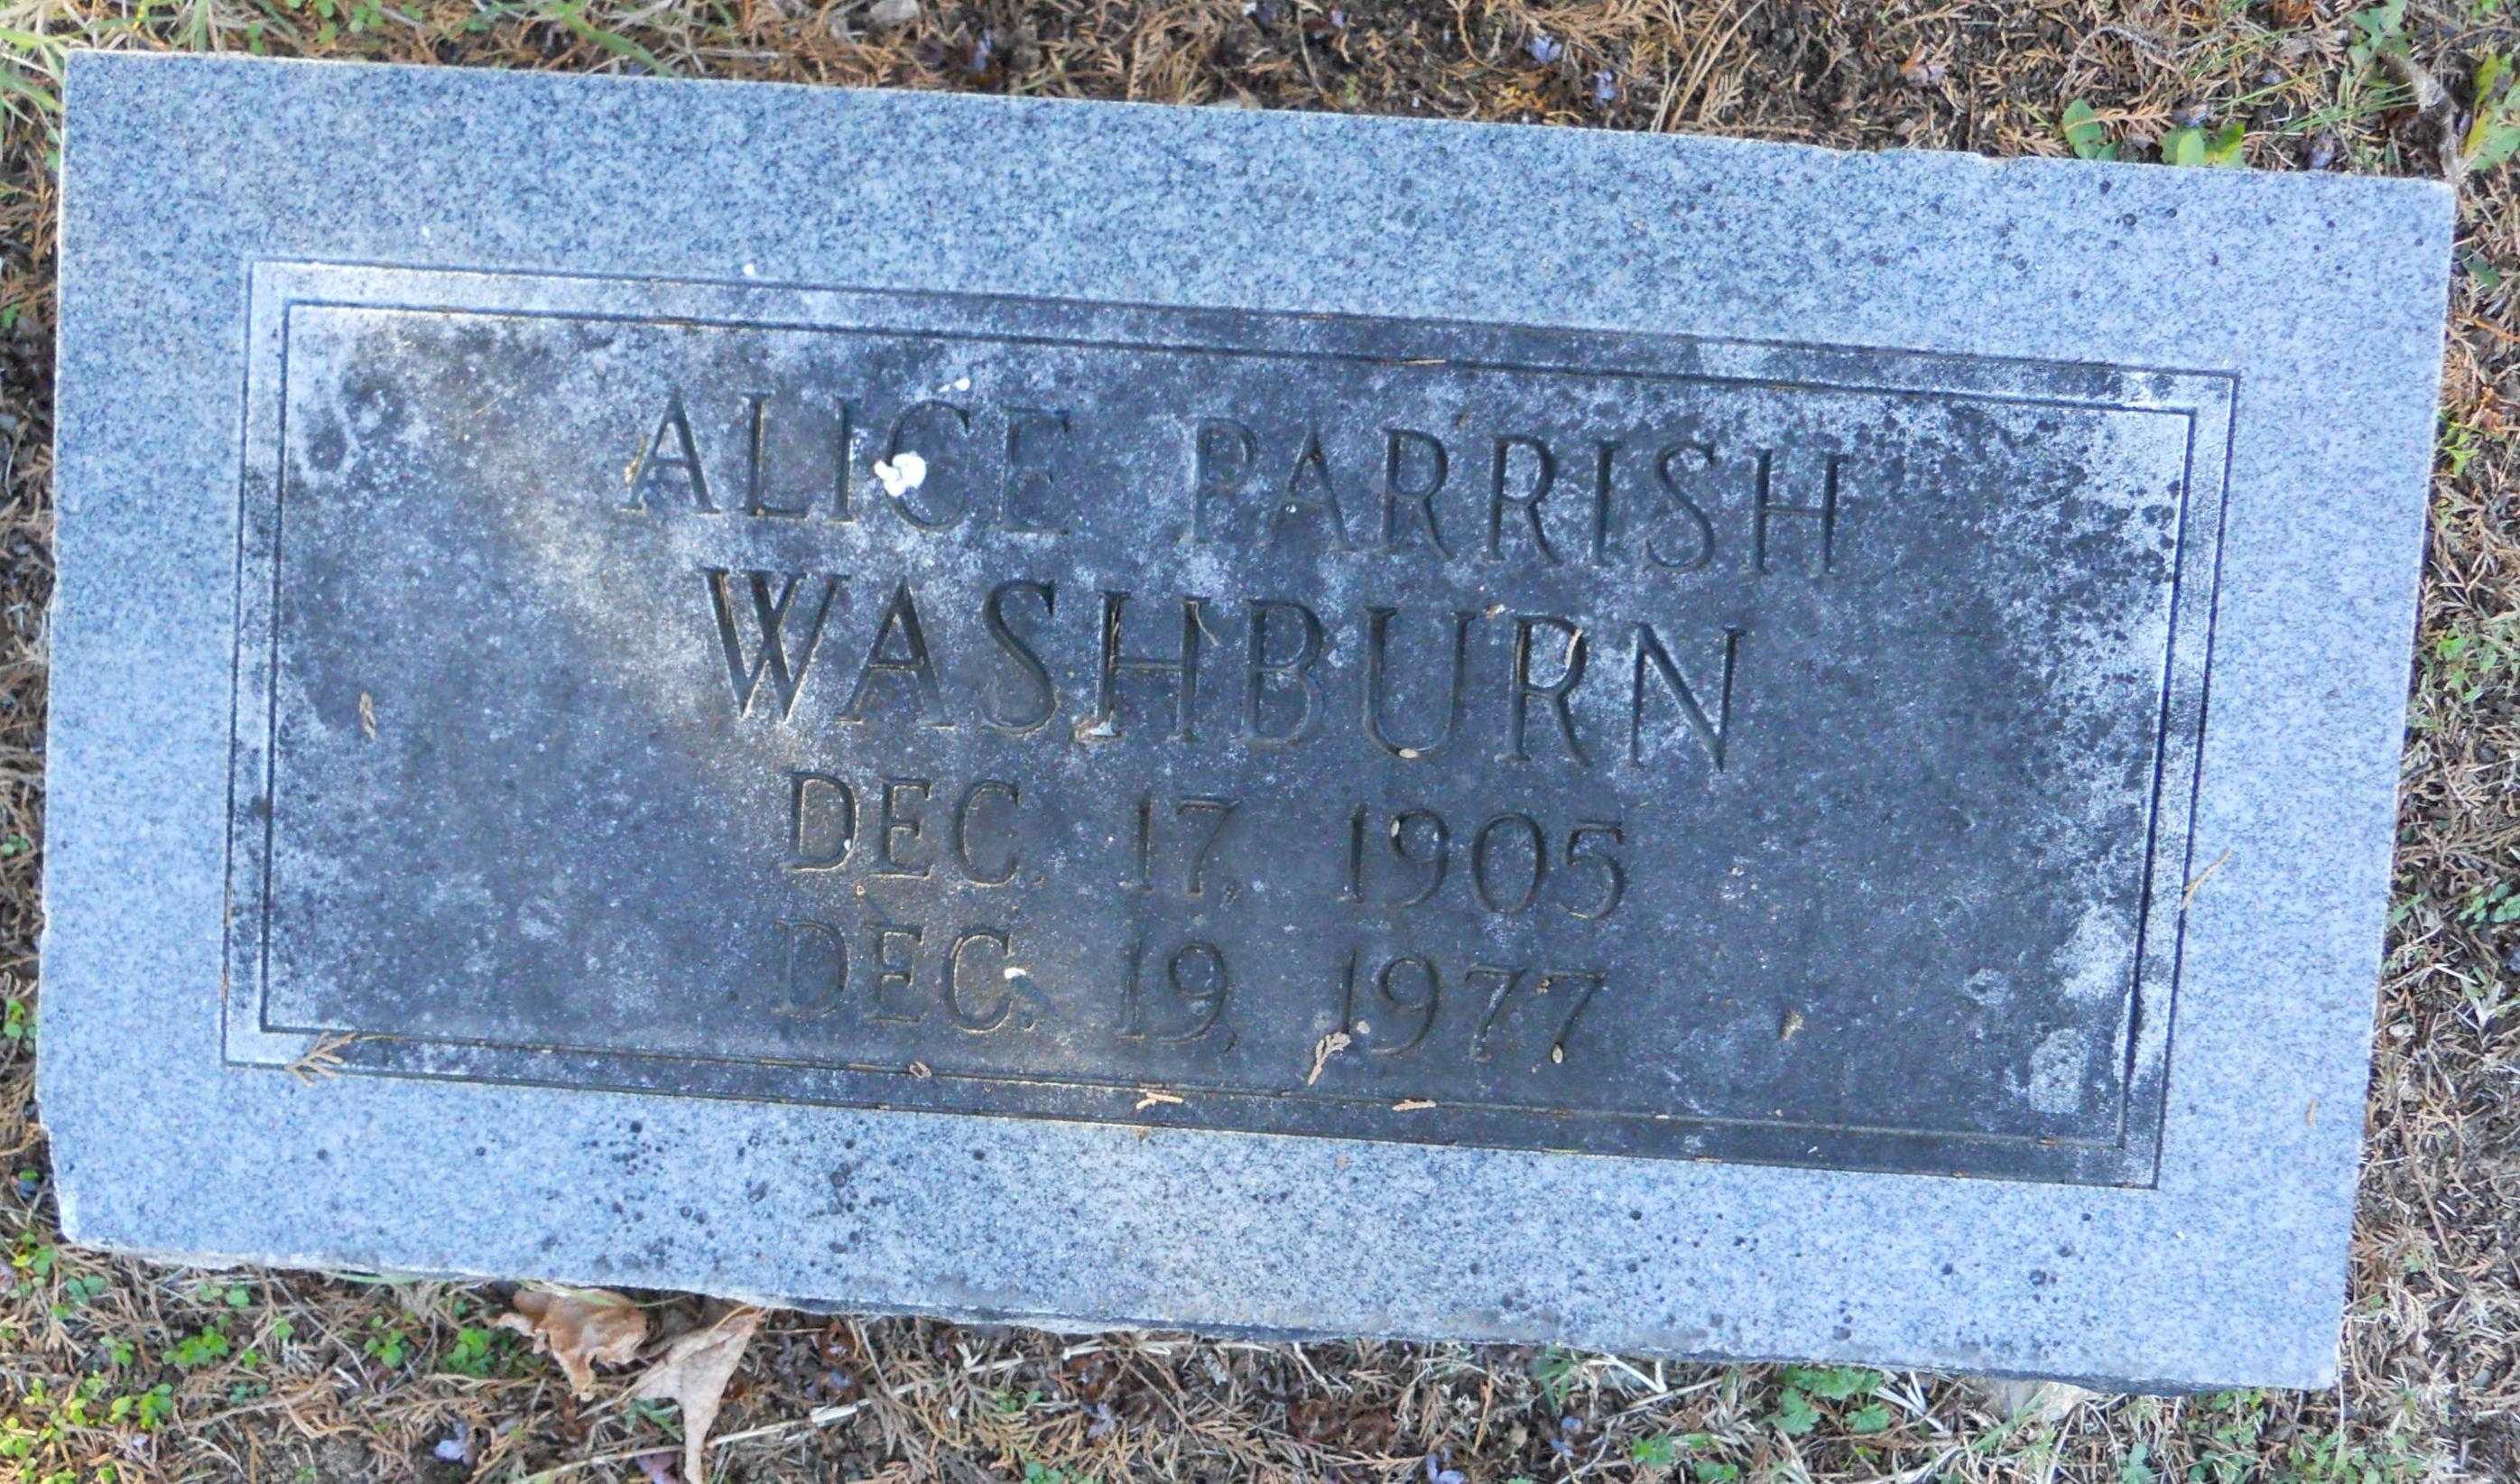 Alice <i>Parrish</i> Washburn